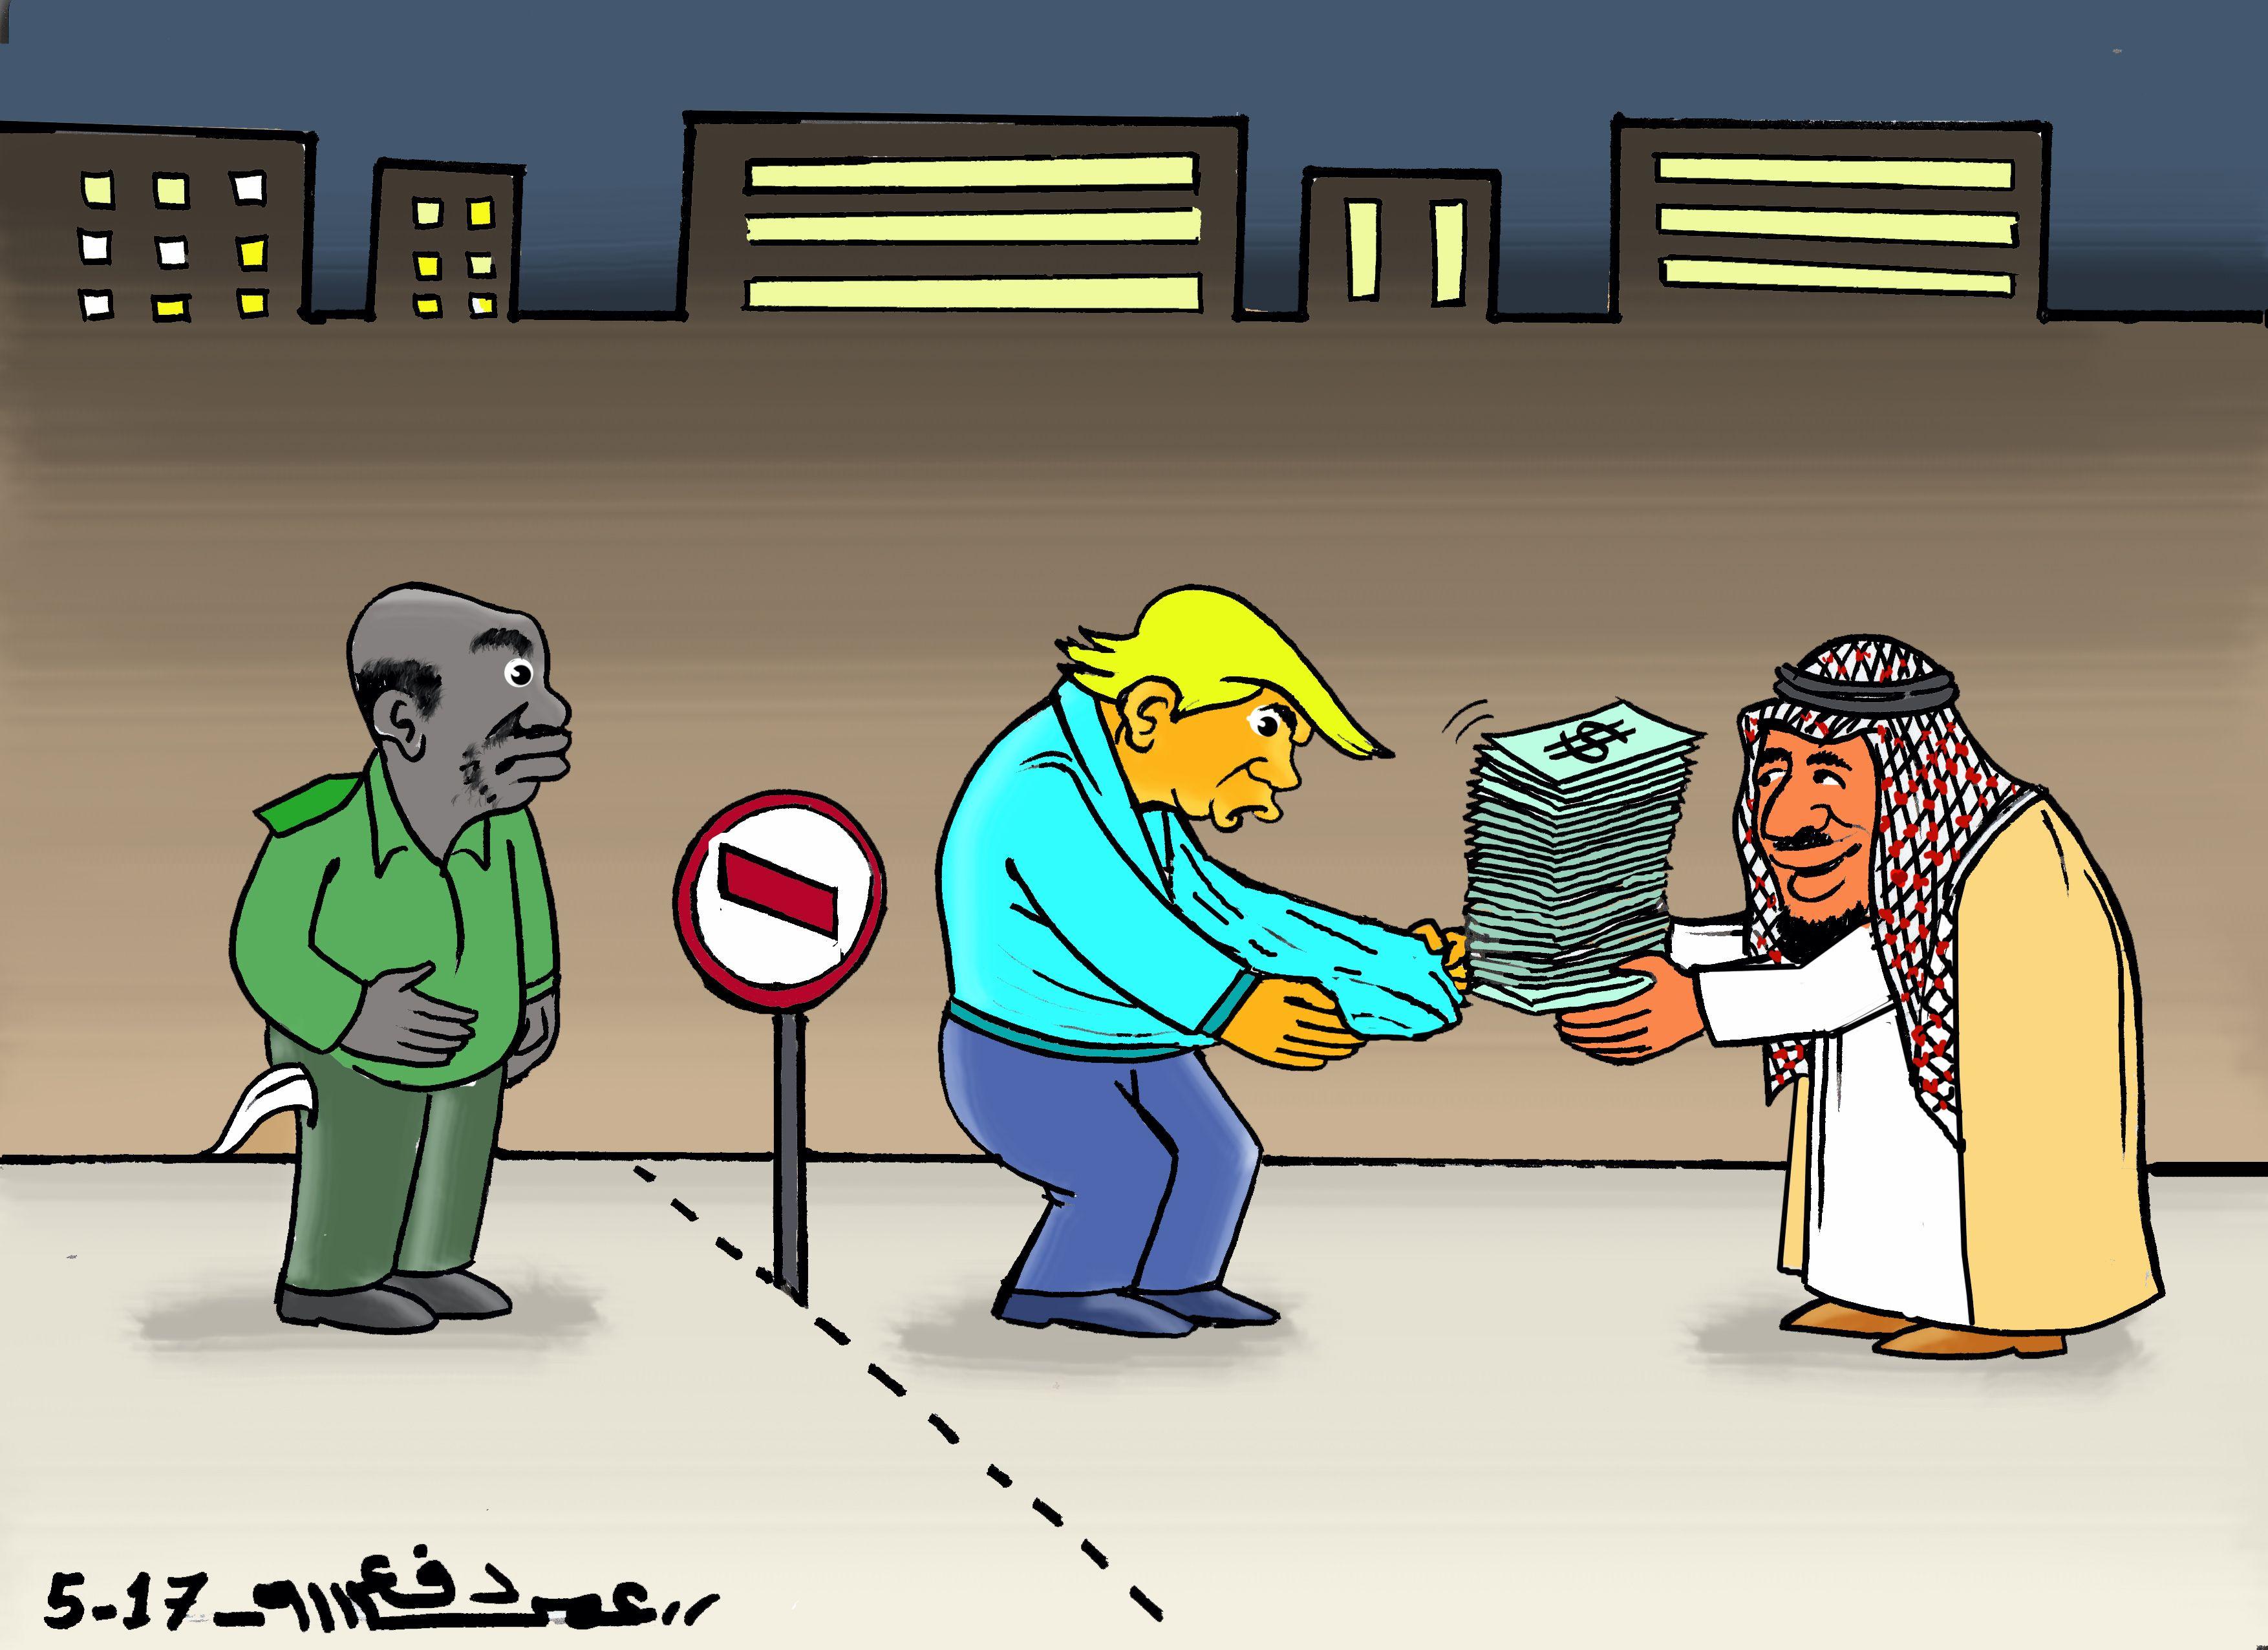 كاركاتير اليوم الموافق 22 مايو 2017 للفنان عمر دفع الله